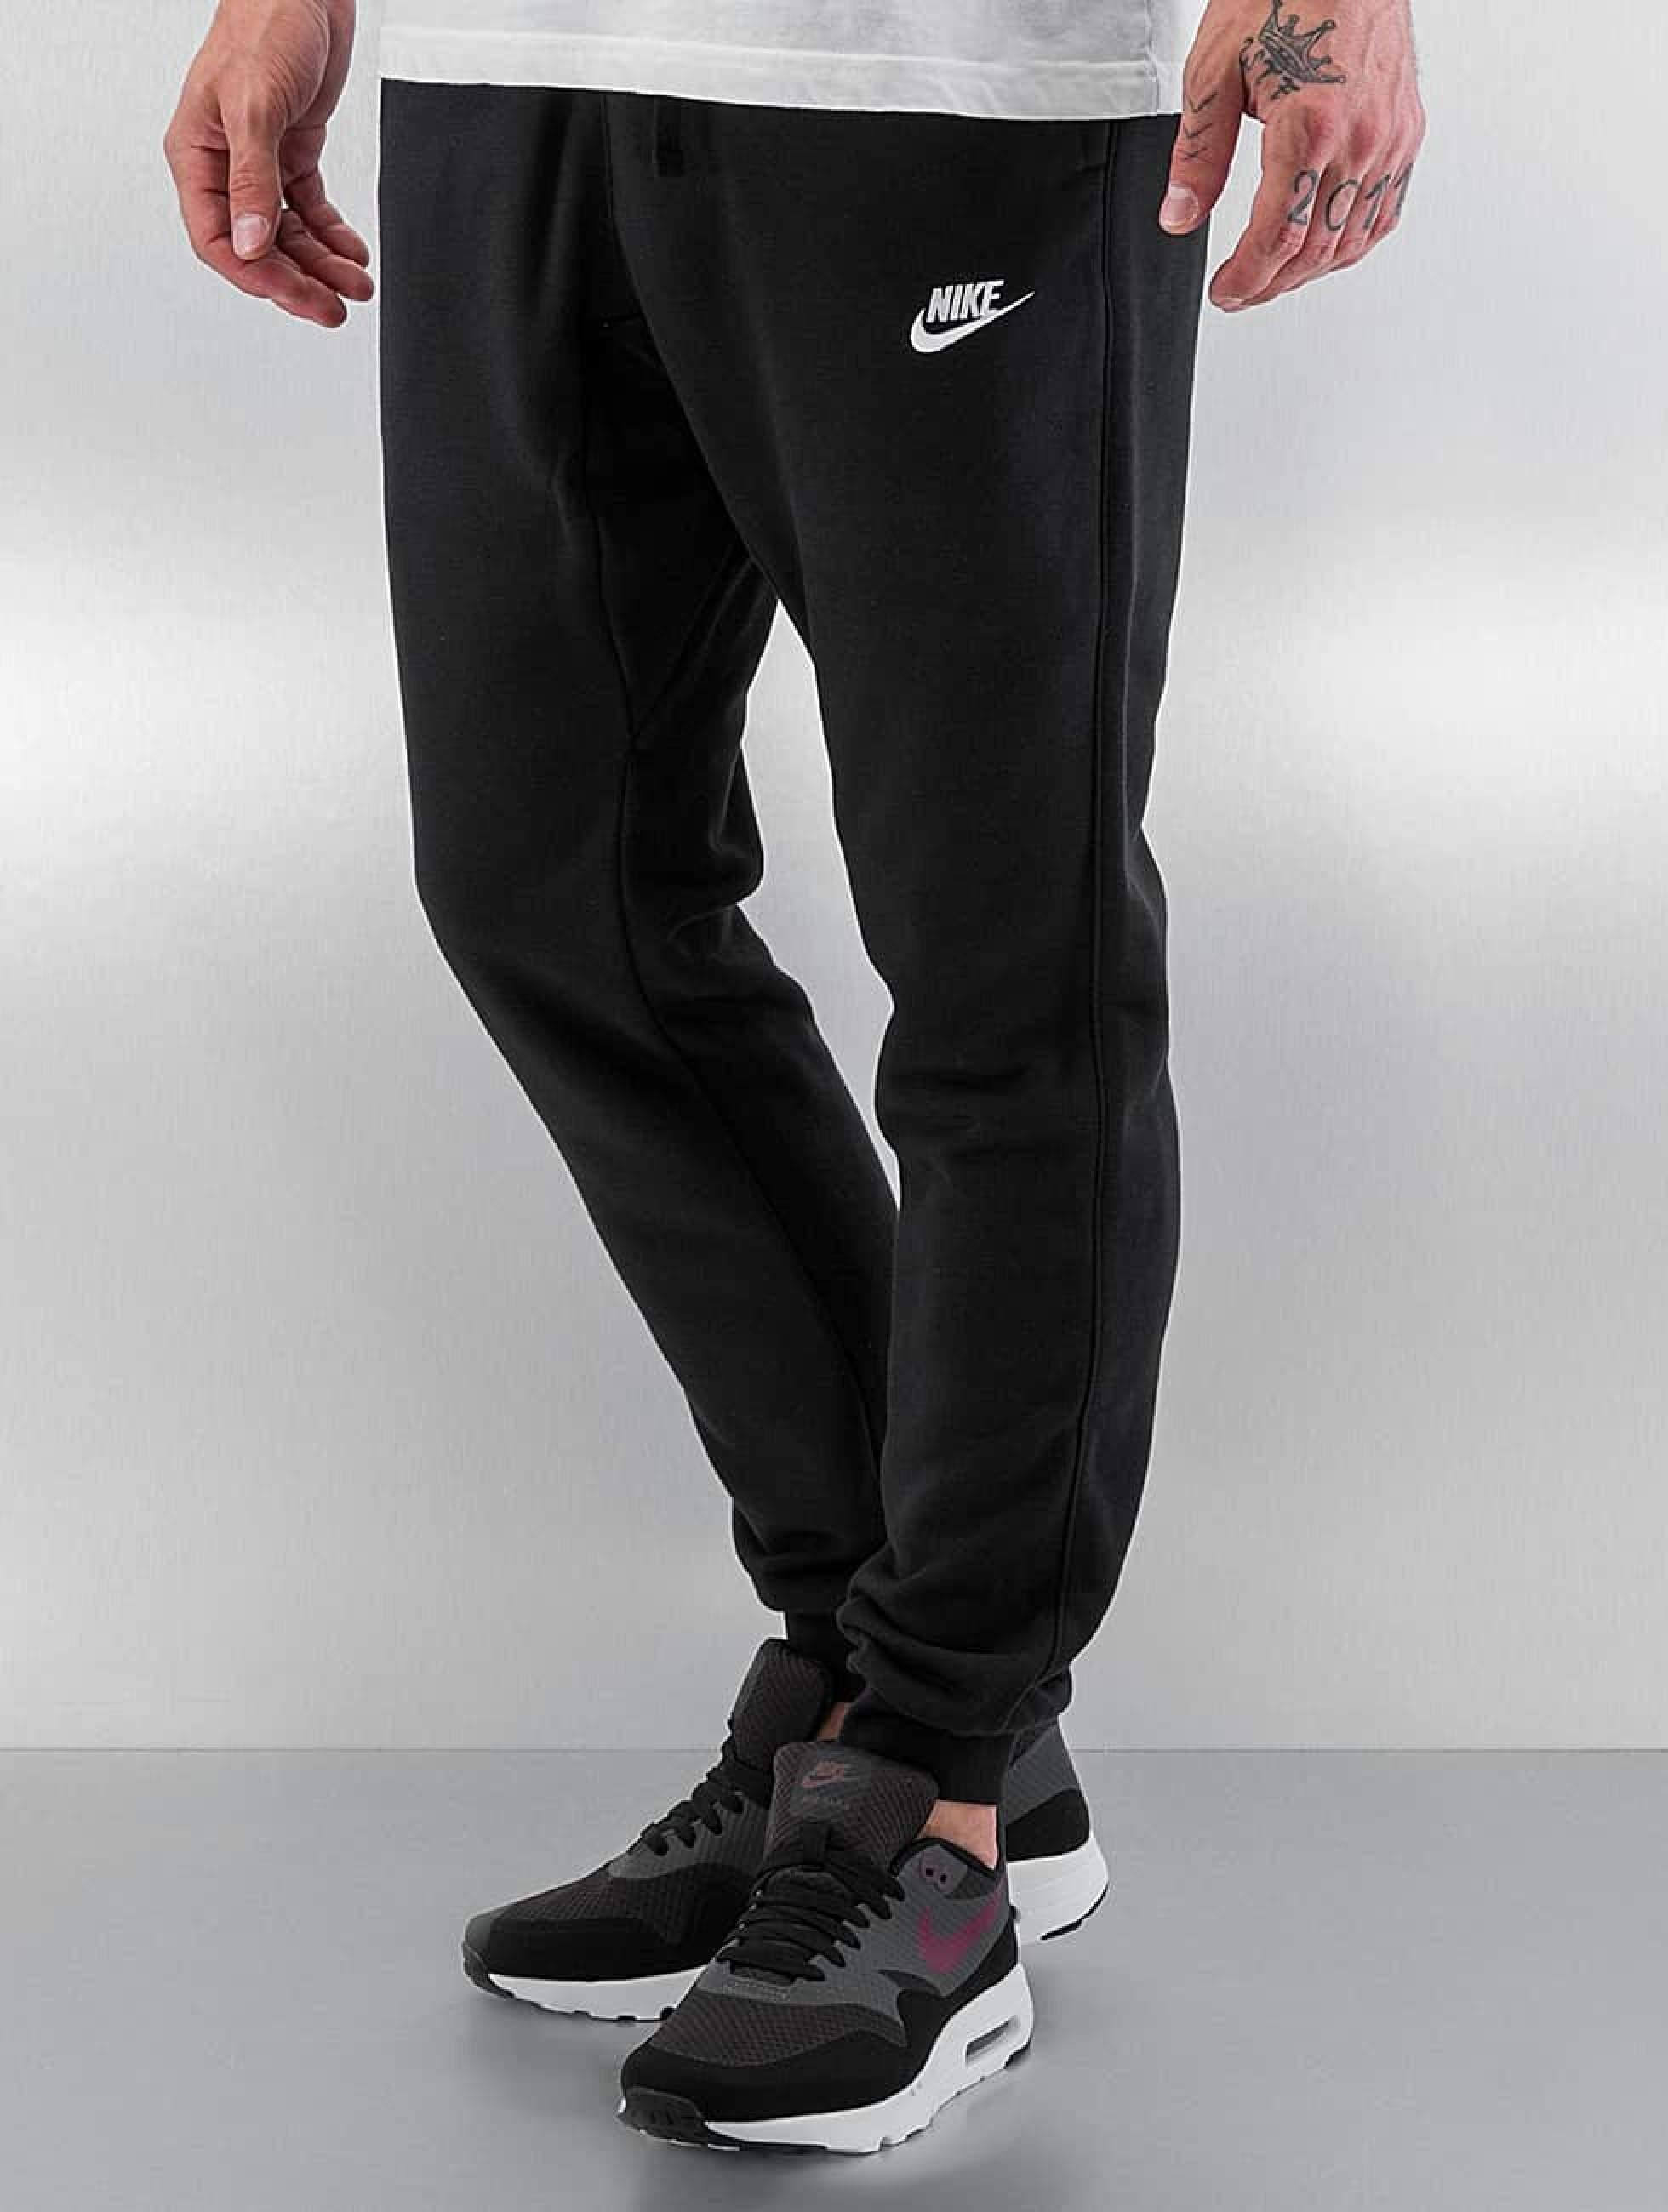 af14b64292ee9 Nike Herren Jogginghose Sportswear in schwarz 257562